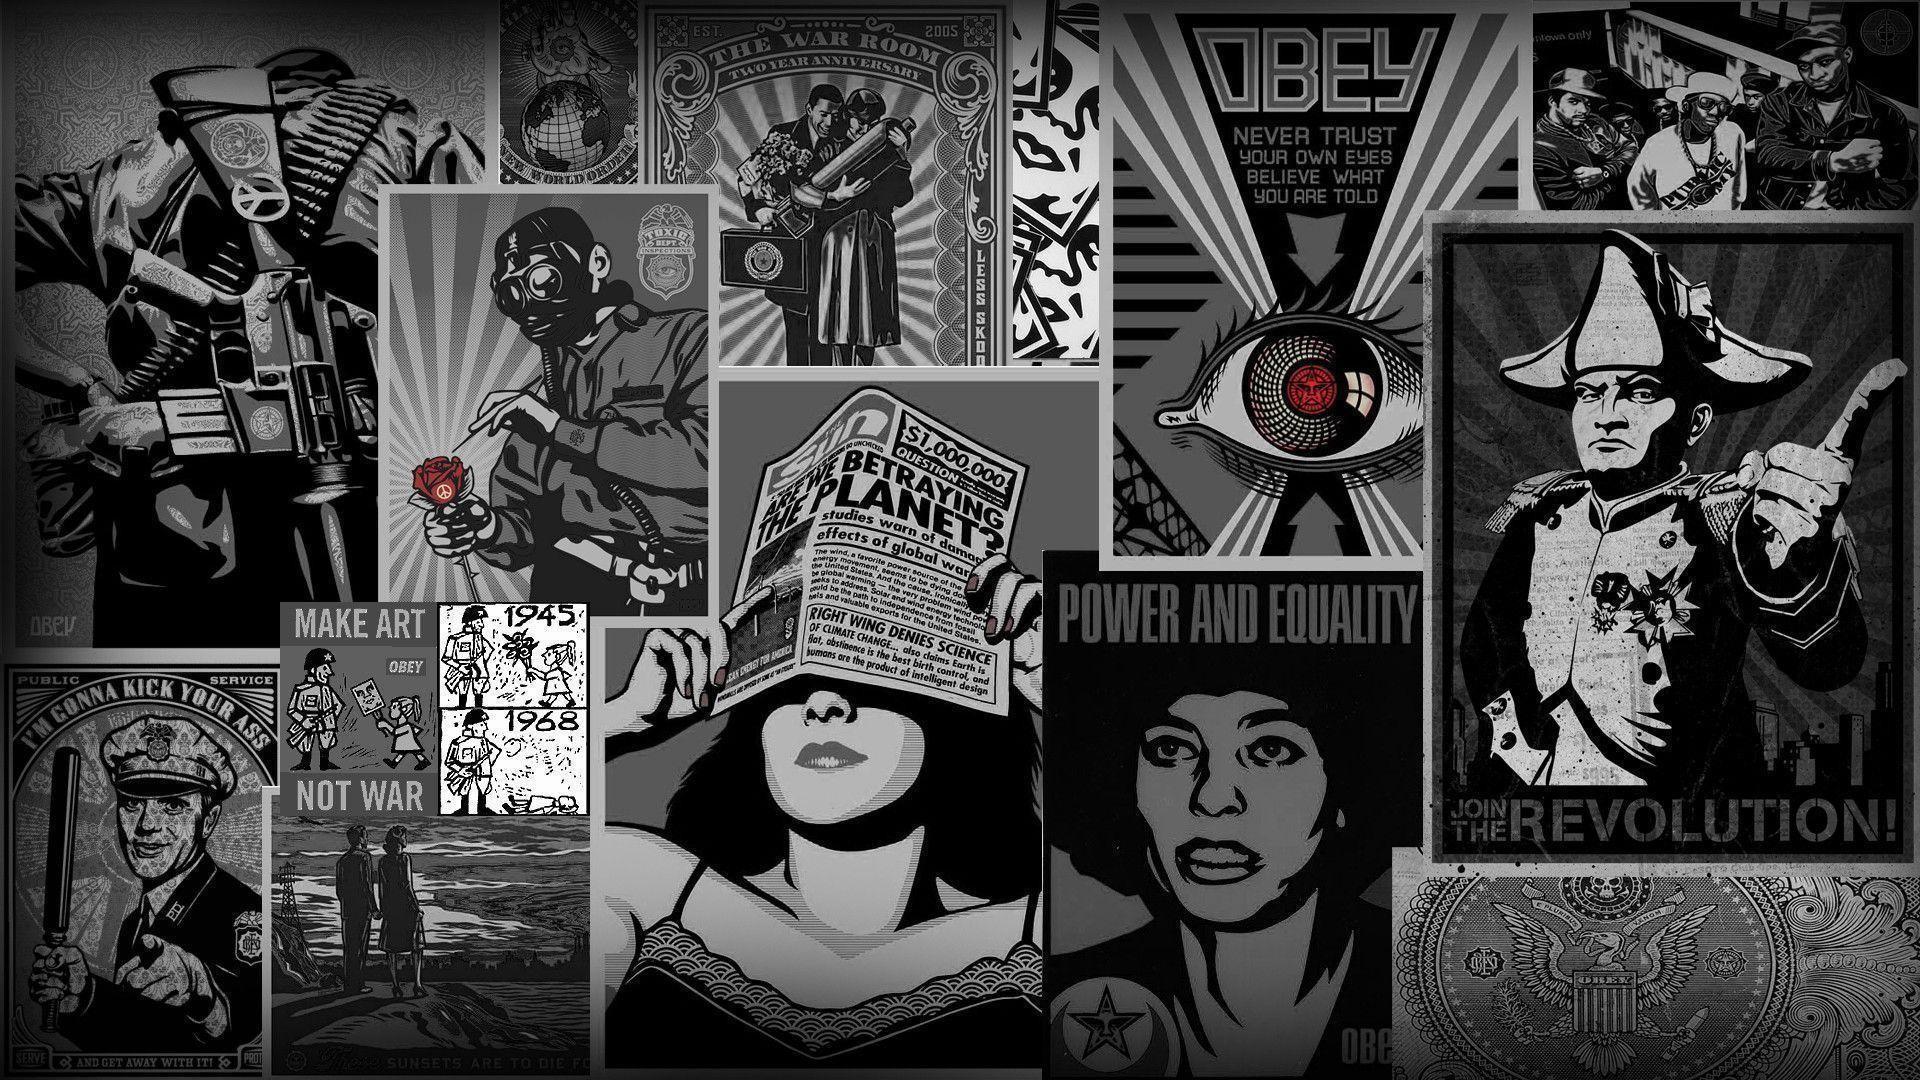 Obey Hd wallpaper – 997937